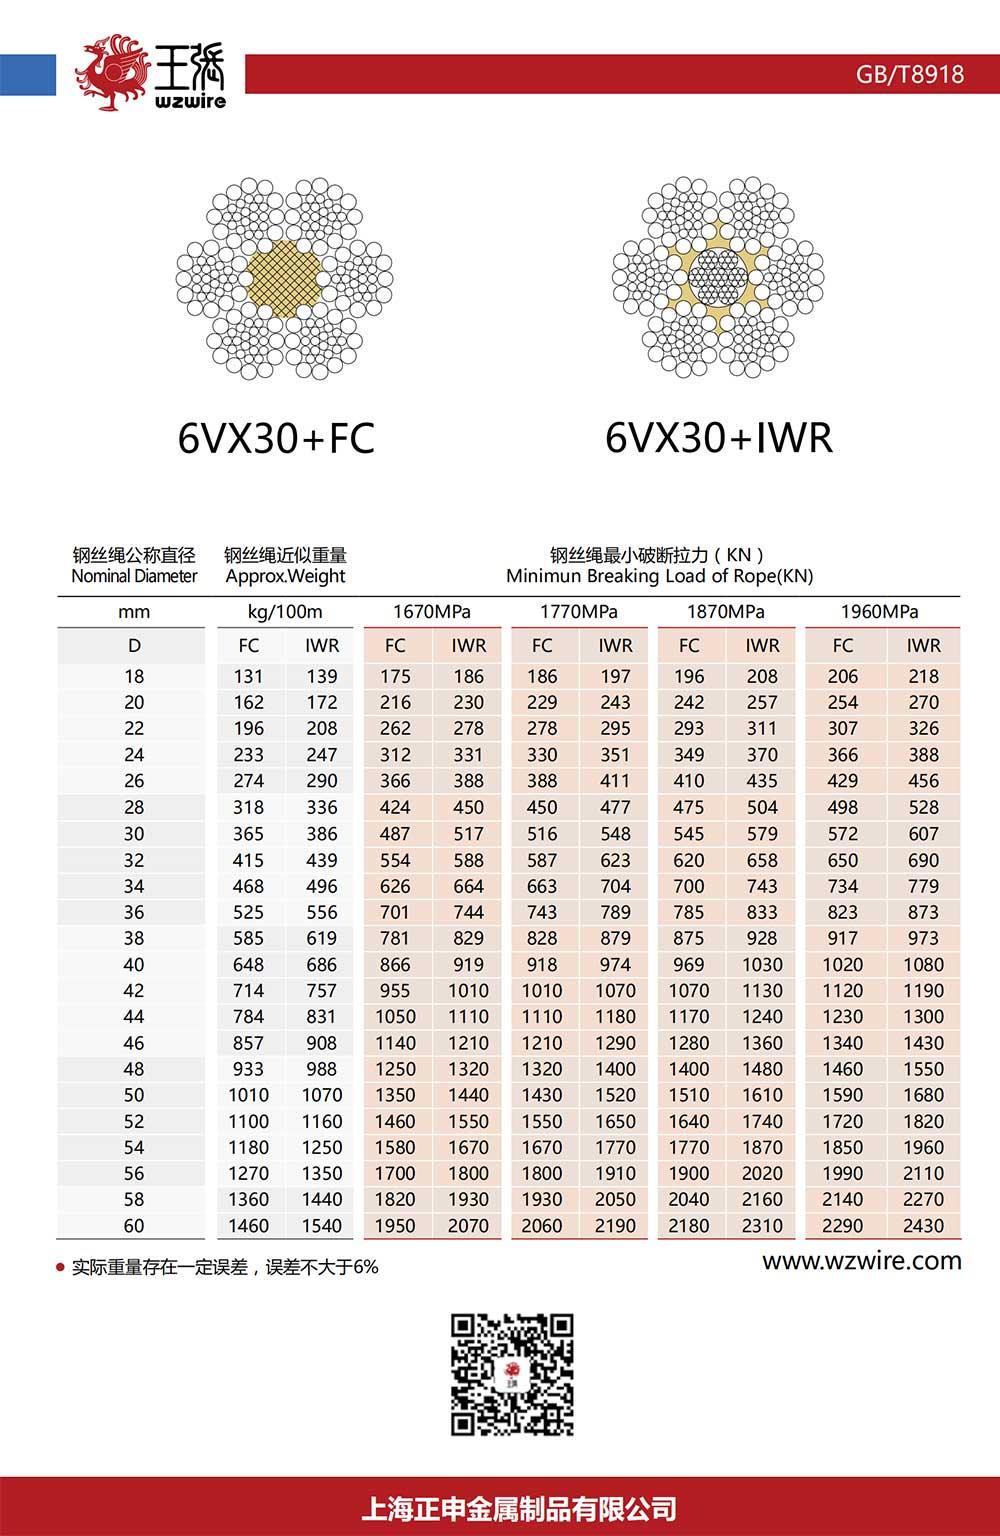 鋼絲繩6VX30+FC、6VX30+IWR價格,鋼絲繩6VX30+FC、6VX30+IWR批發,鋼絲繩6VX30+FC、6VX30+IWR公司